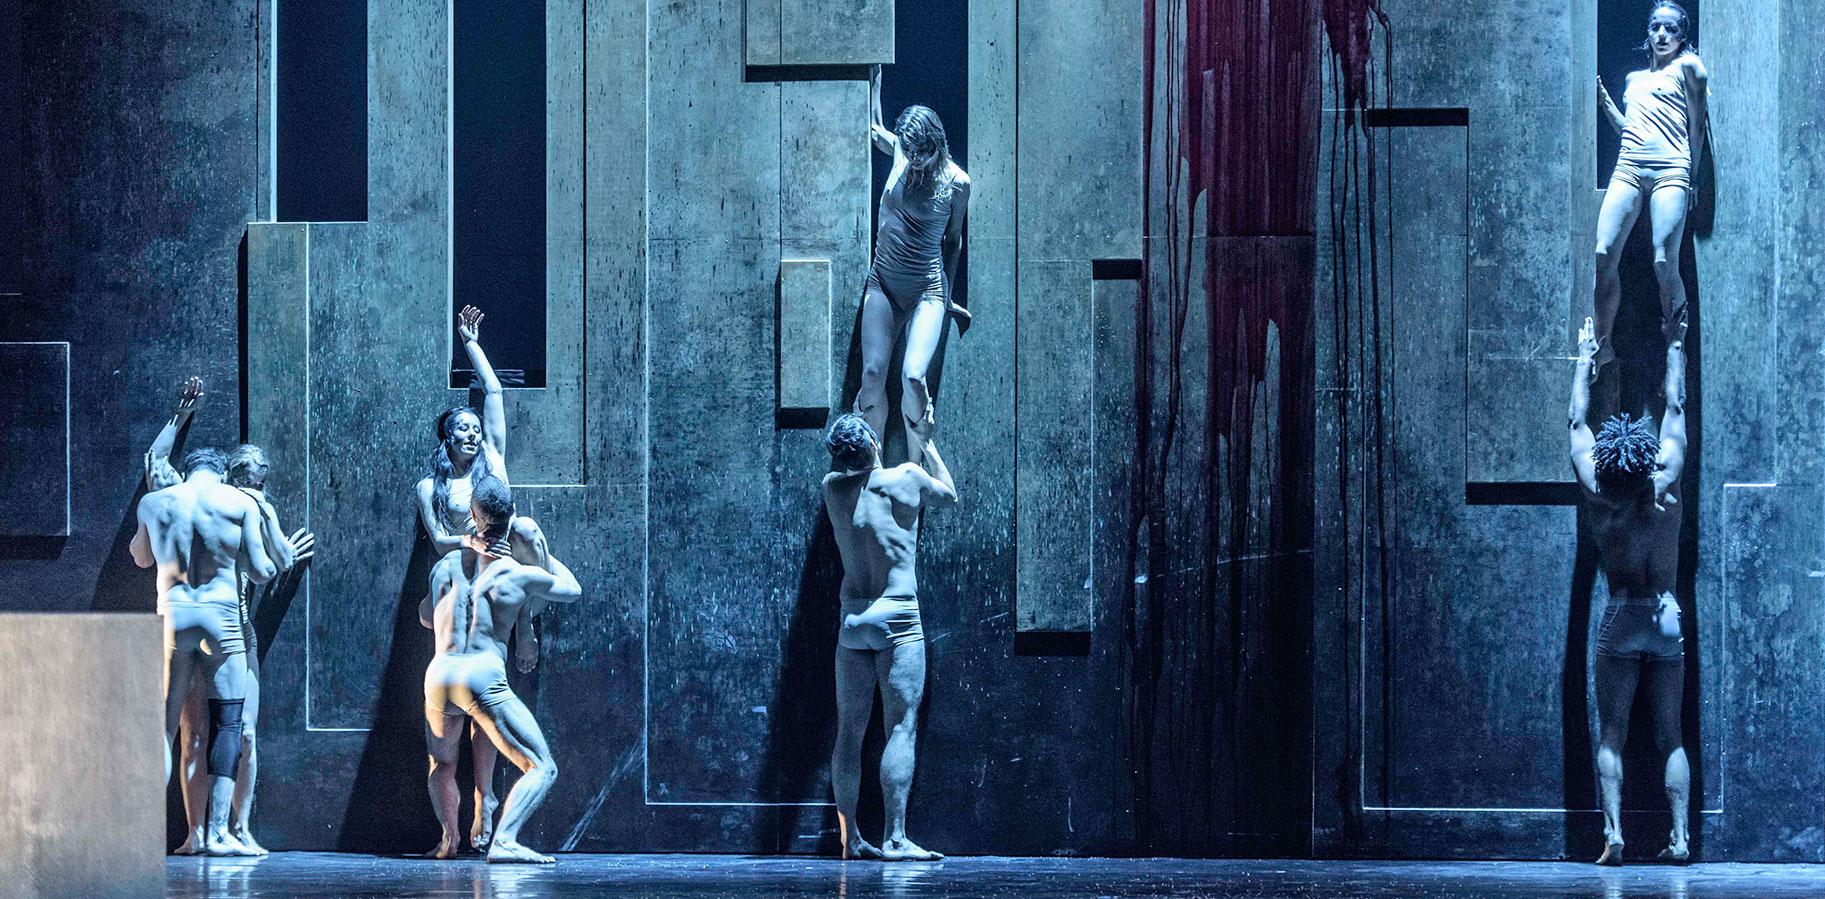 hercules oper vom tanztheater erfurt und theater erfurt